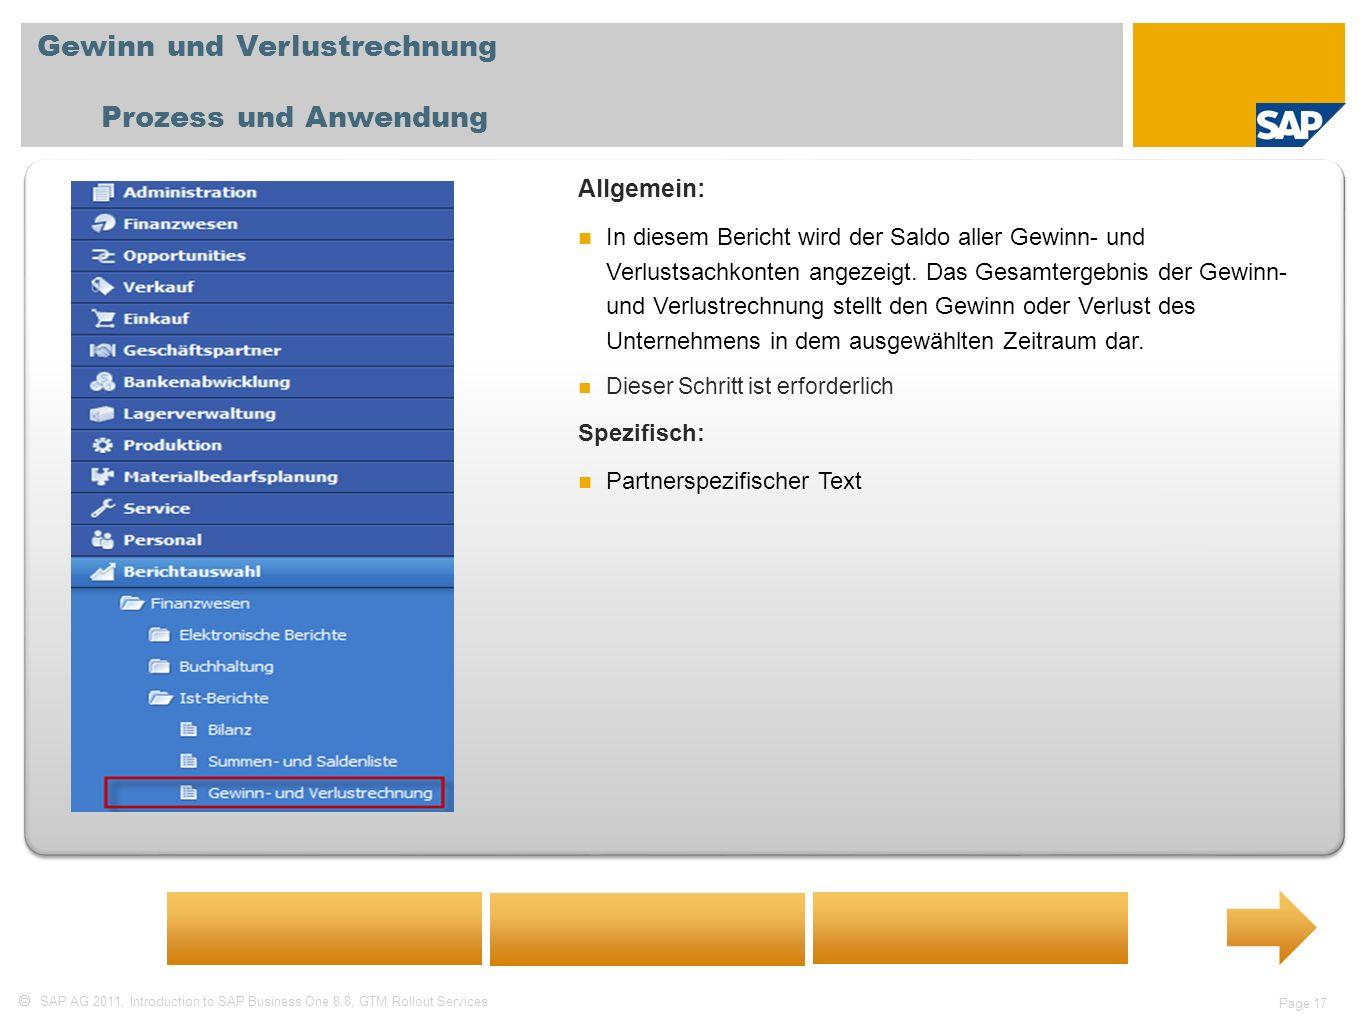 SAP AG 2011, Introduction to SAP Business One 8.8, GTM Rollout Services Page 17 Gewinn und Verlustrechnung Prozess und Anwendung Allgemein: In diesem